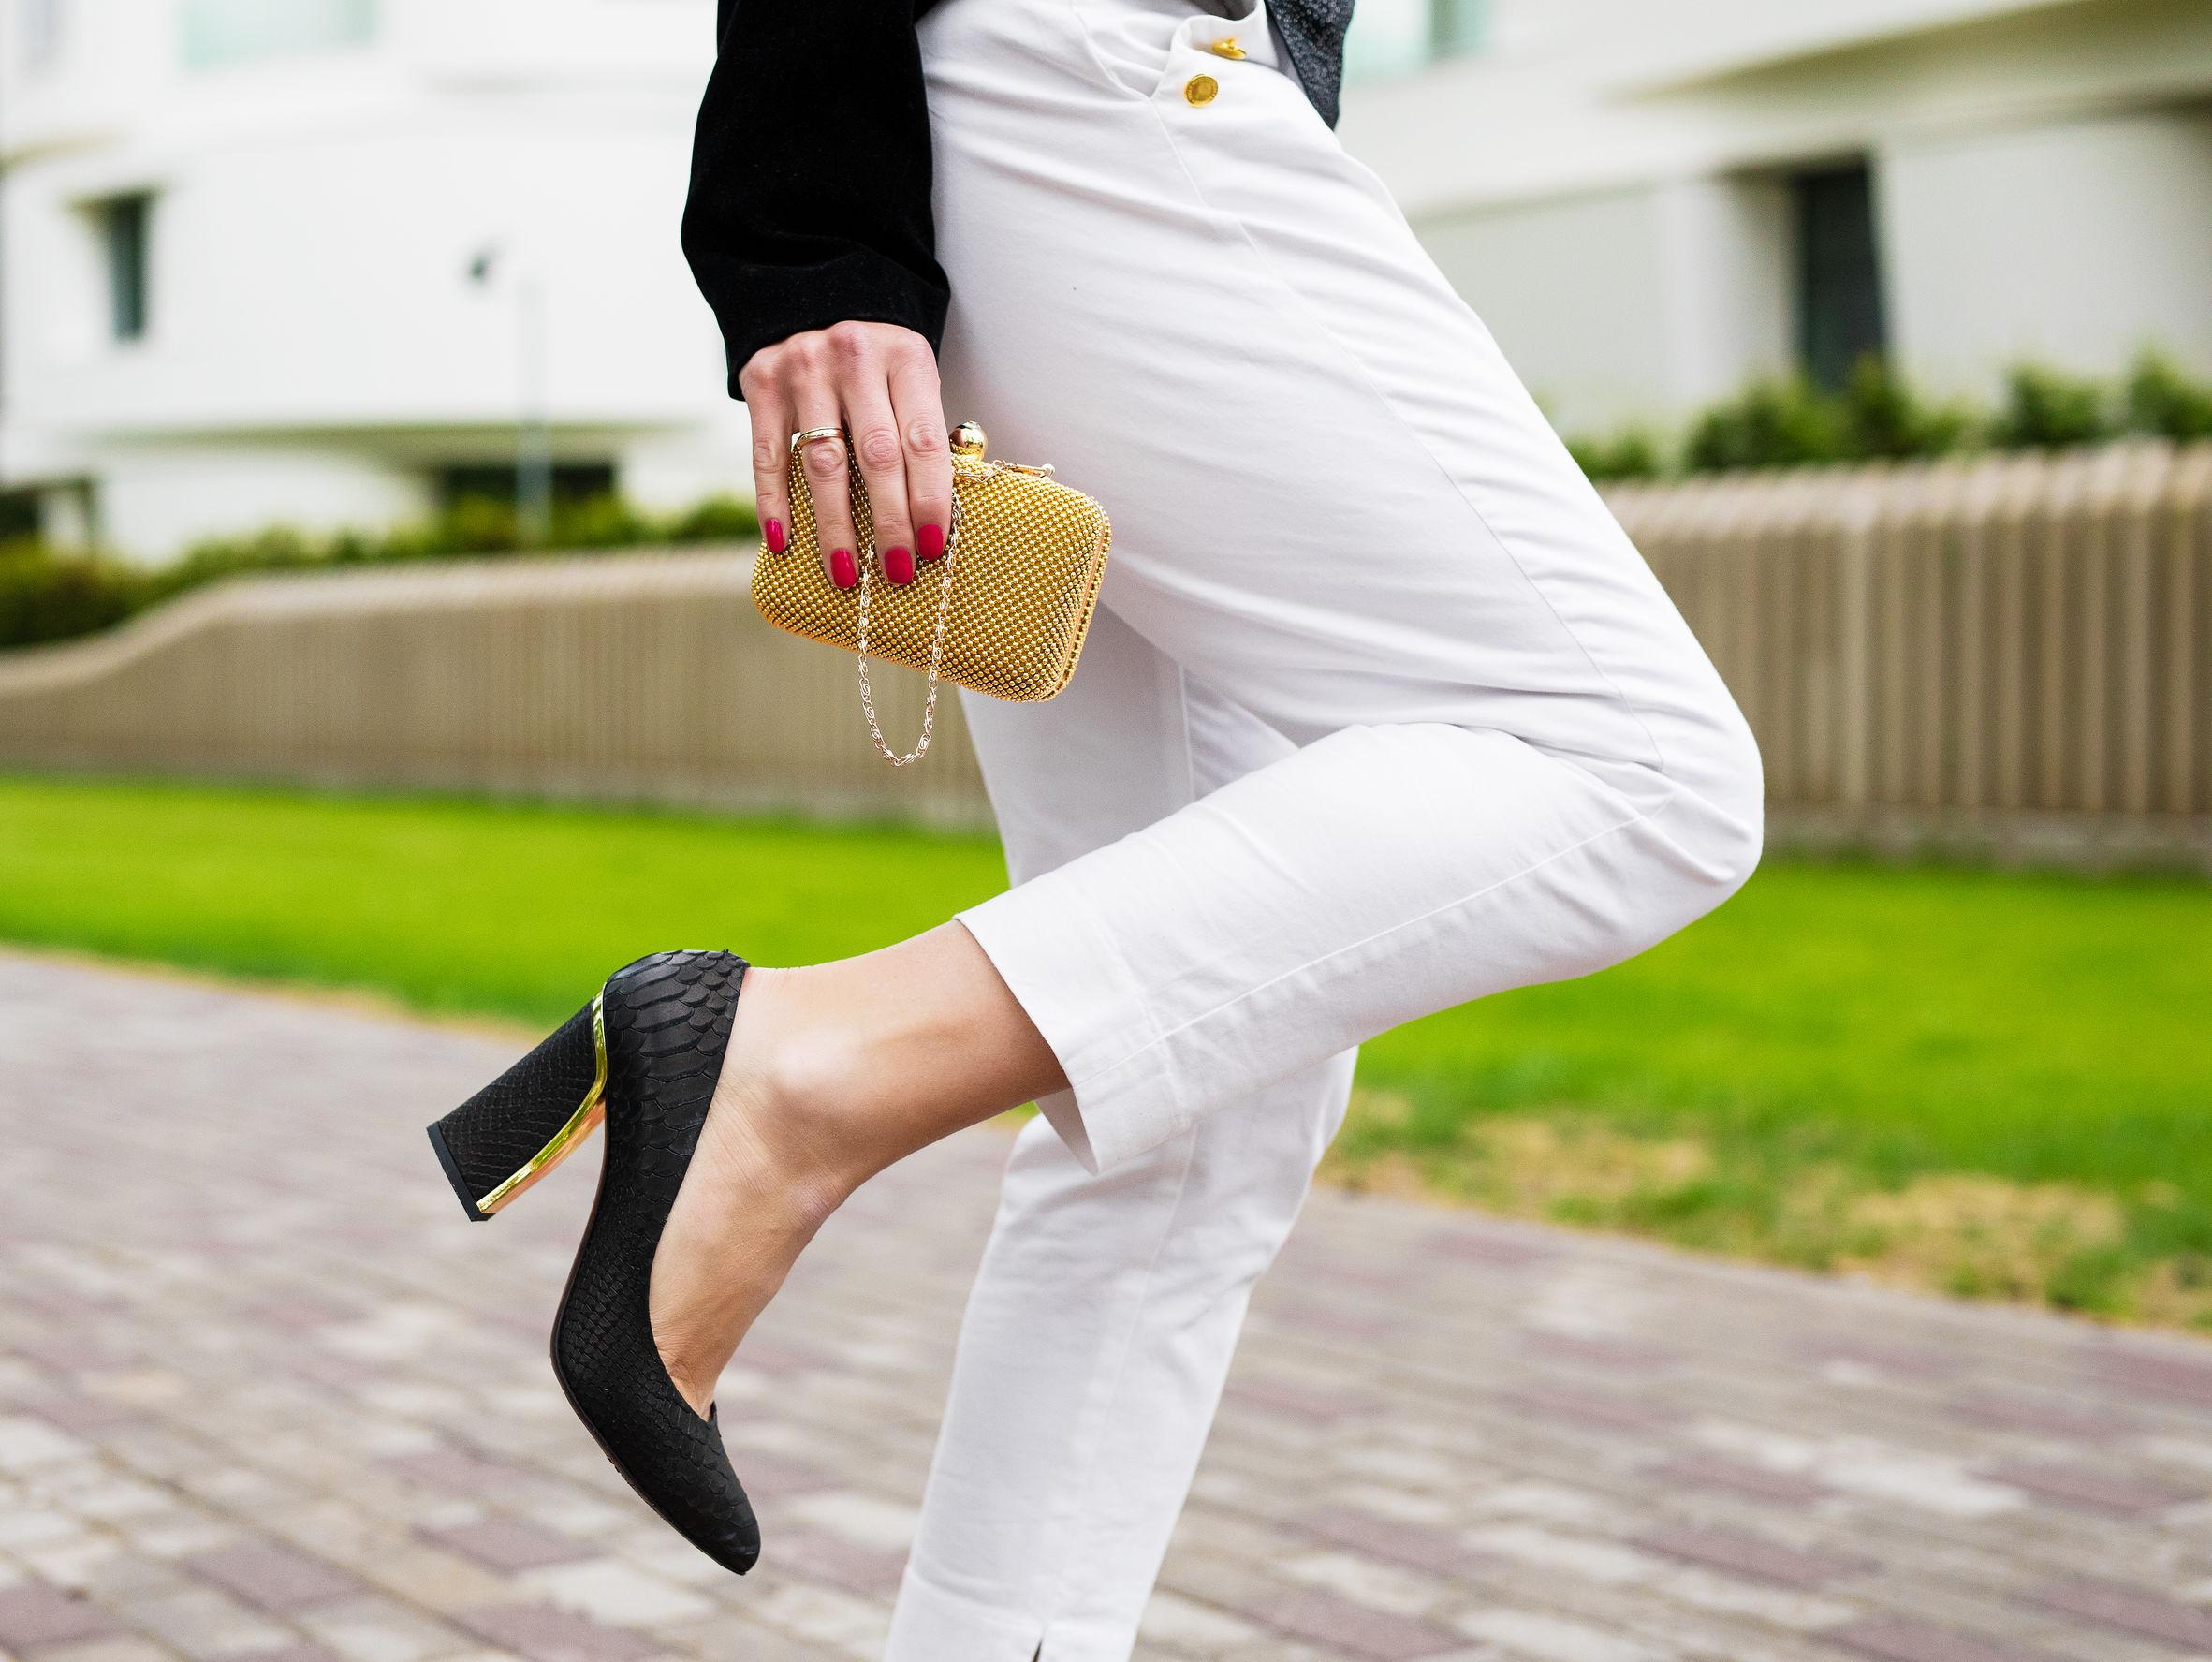 Spodnie 7/8 zgumką – czynaprawdę skracają nogi?